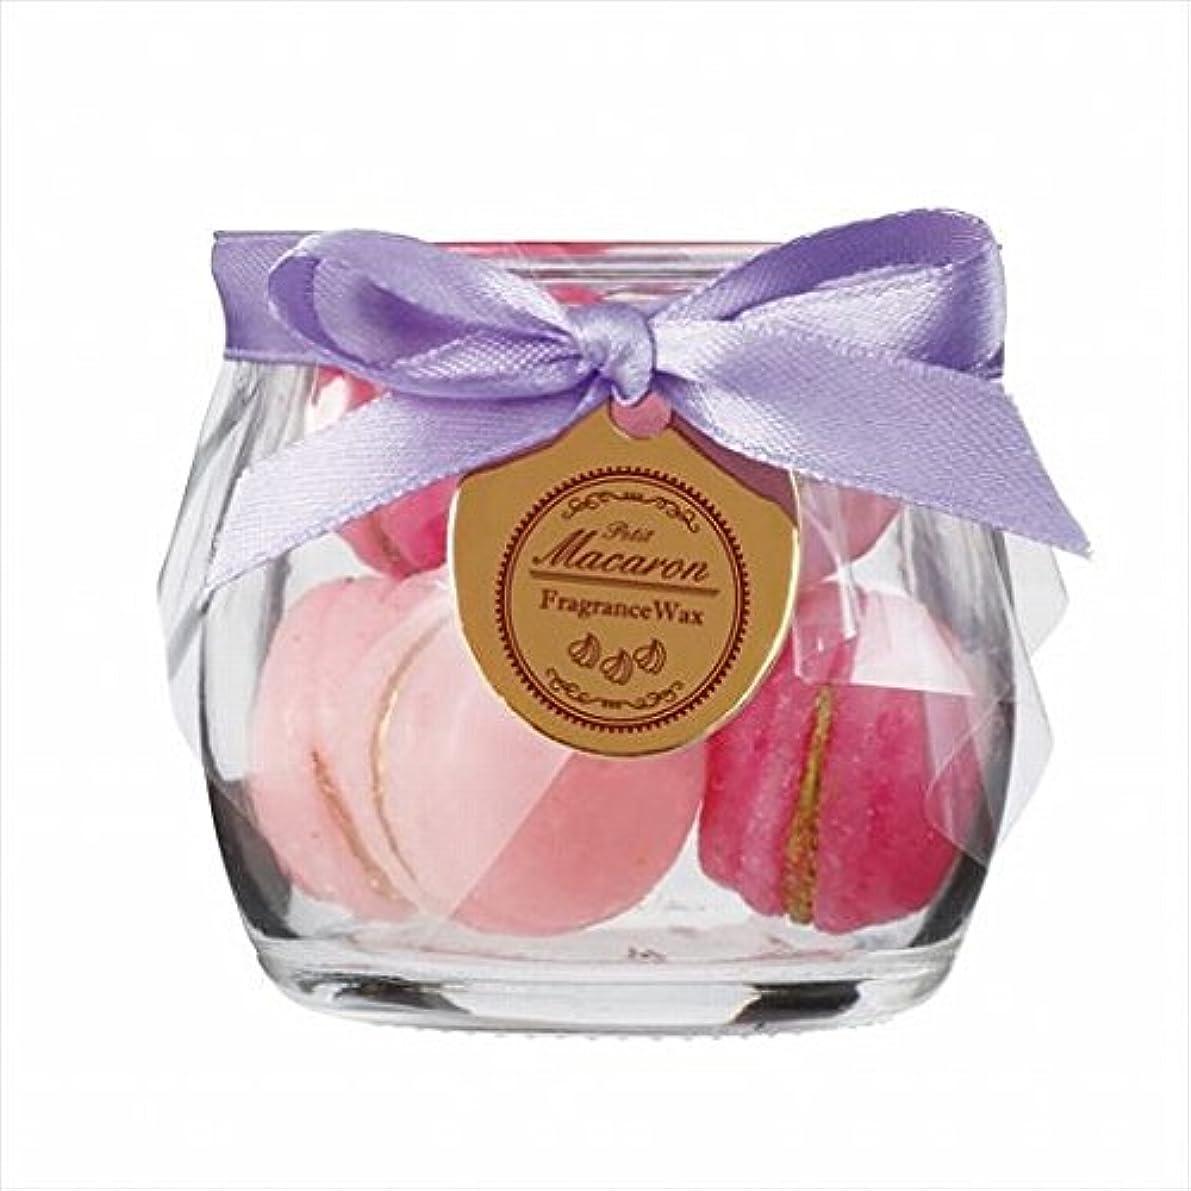 しみ秘密の計画的スイーツキャンドル( sweets candle ) プチマカロンフレグランス 「 バニラ 」 キャンドル